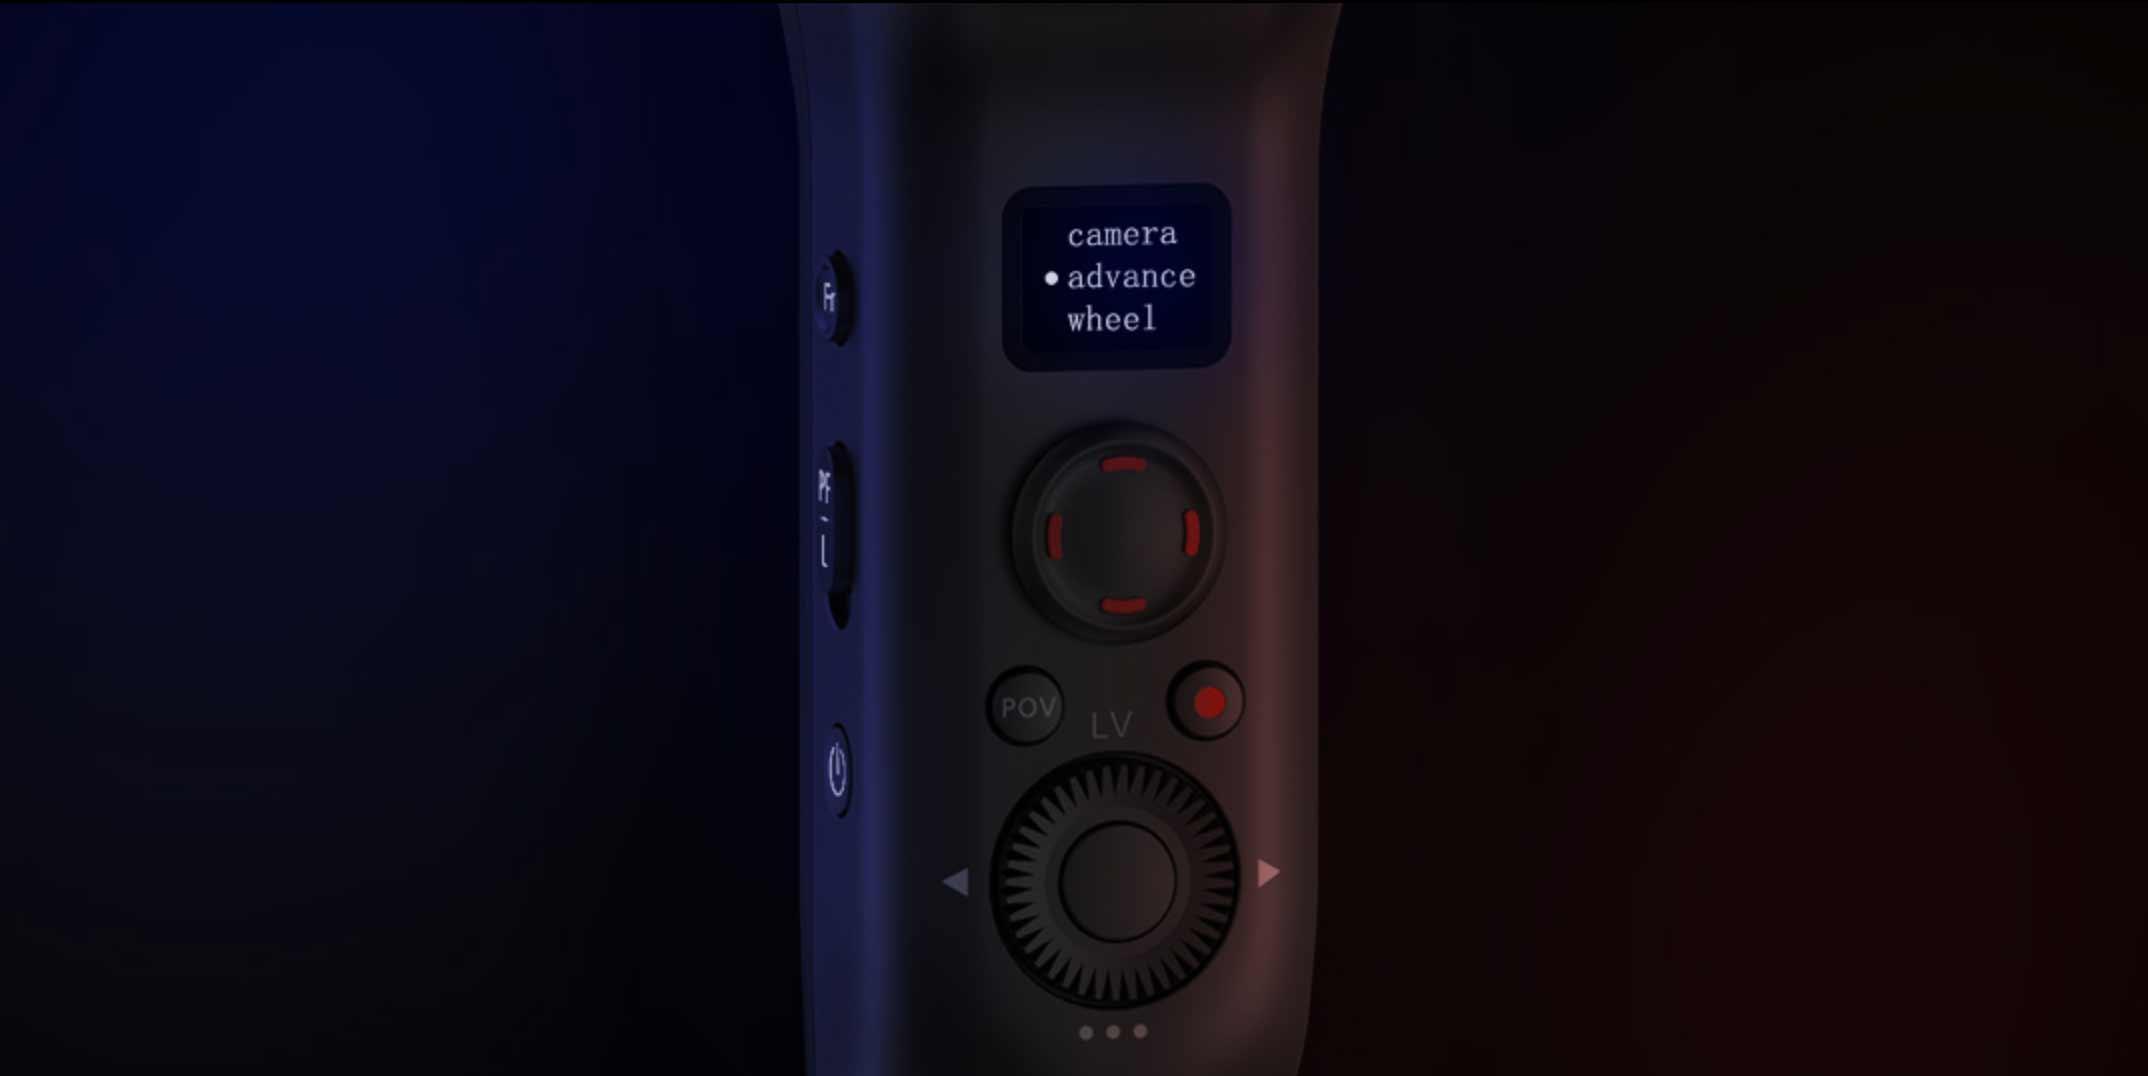 Das OLED Display sowie die Tasten am Weebill-S.